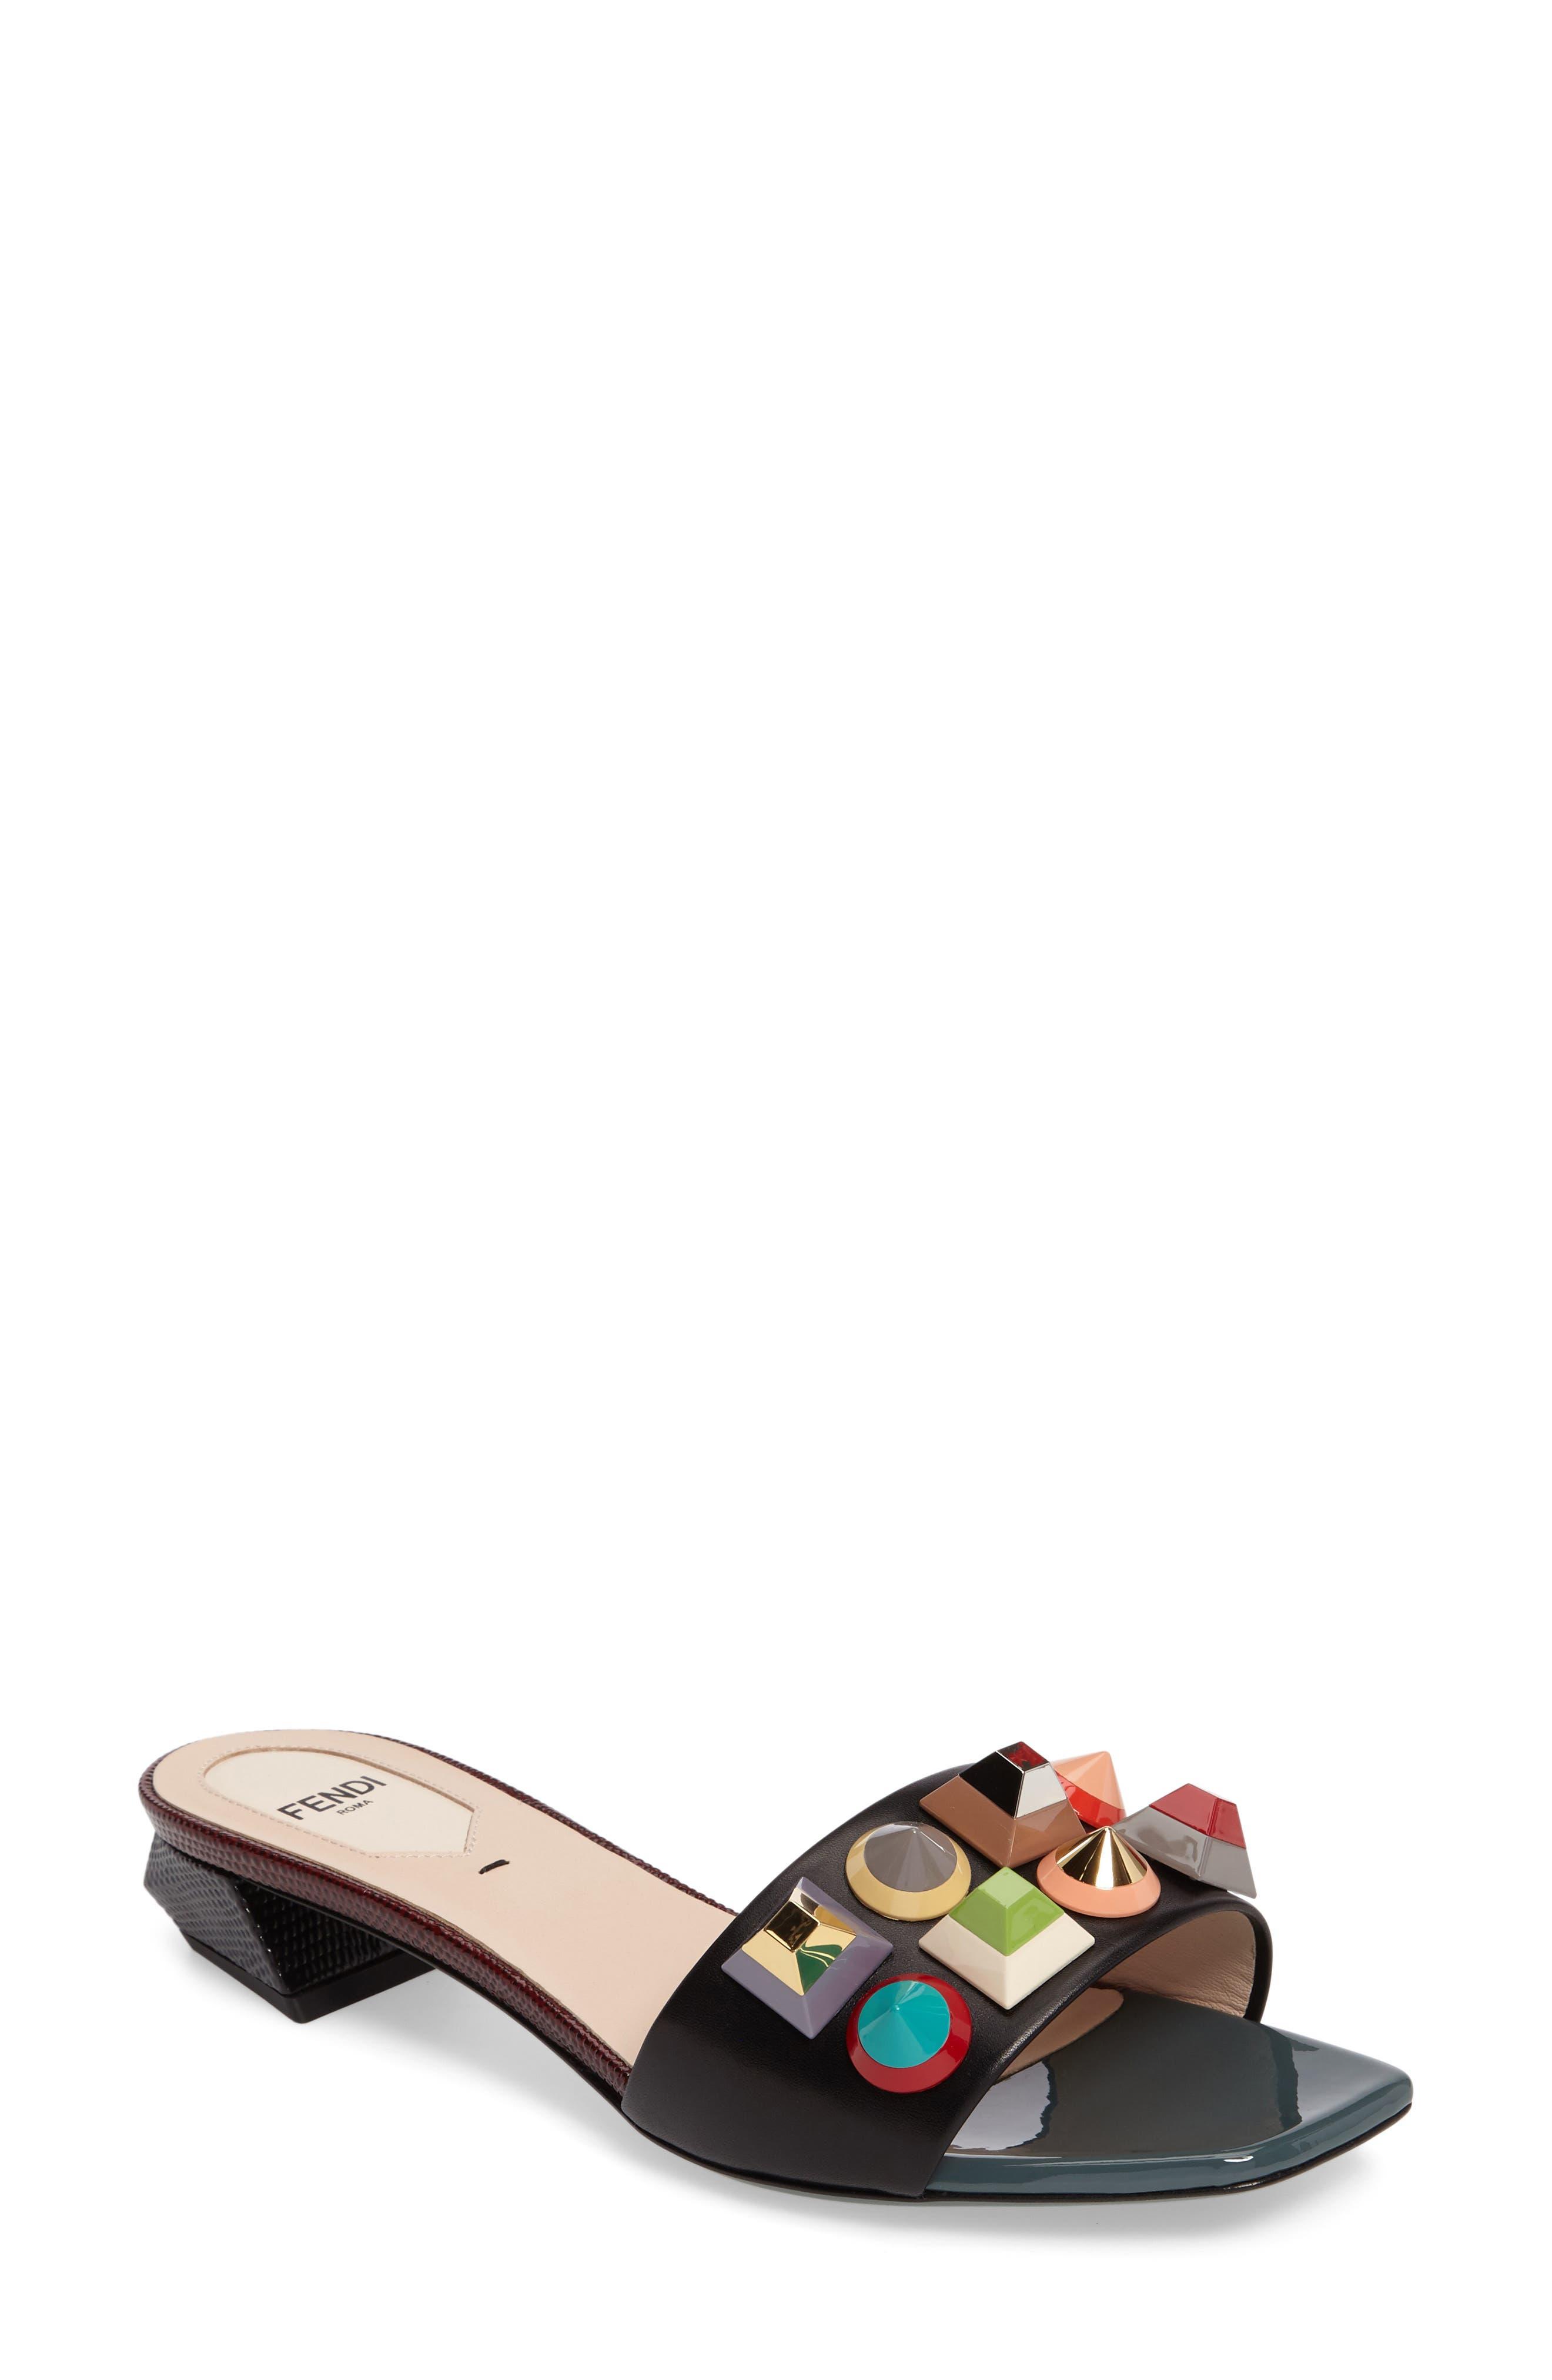 Main Image - Fendi Stud Rainbow Slide Sandal (Women)